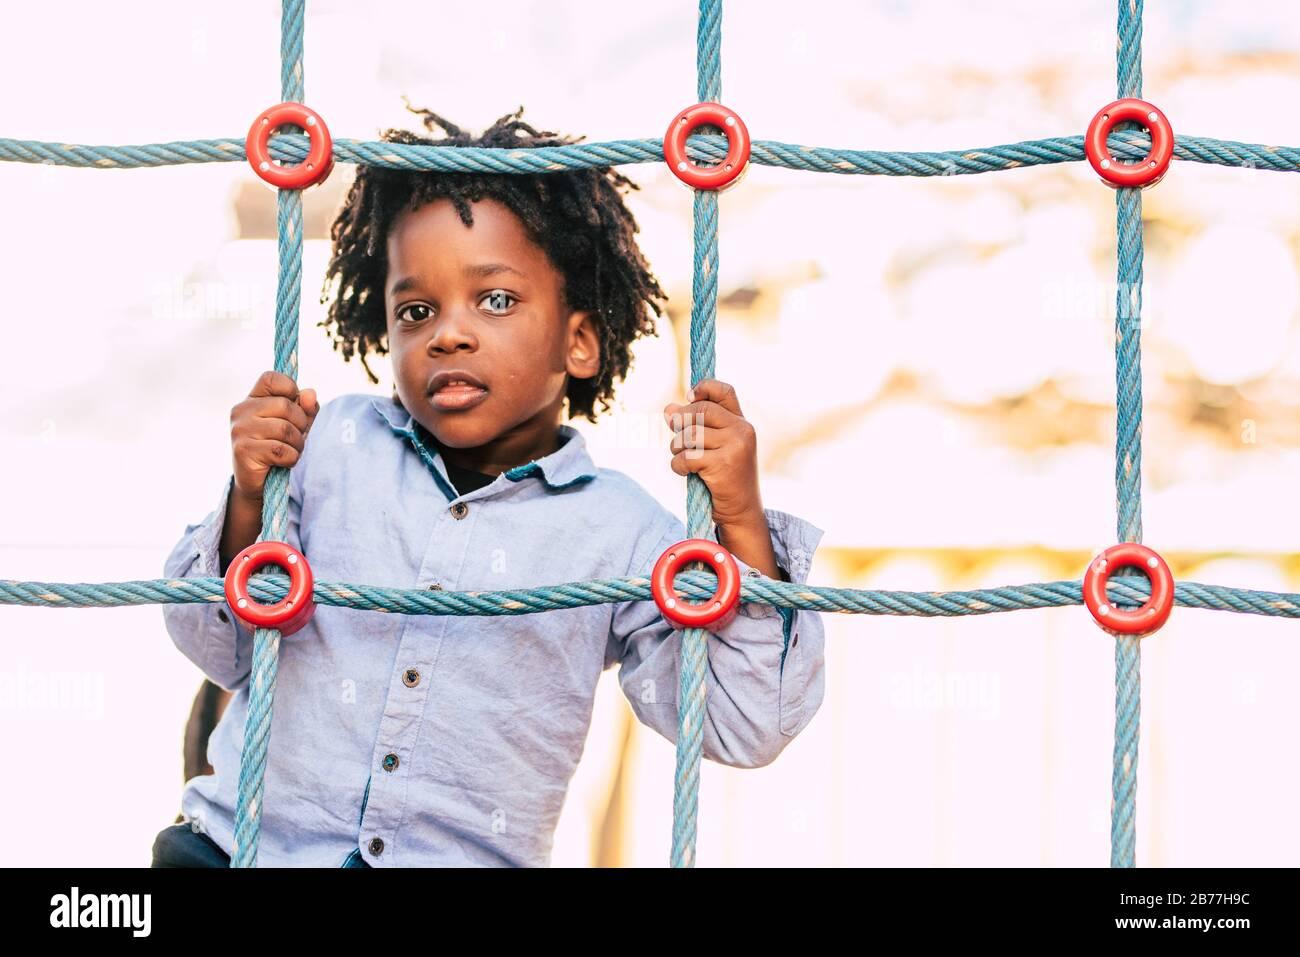 Heureux et beau jeune enfant race noire africaine avec des cheveux alternatifs ethniques jouant dans un terrain de jeu avec des cordes colorées et s'amuser Banque D'Images